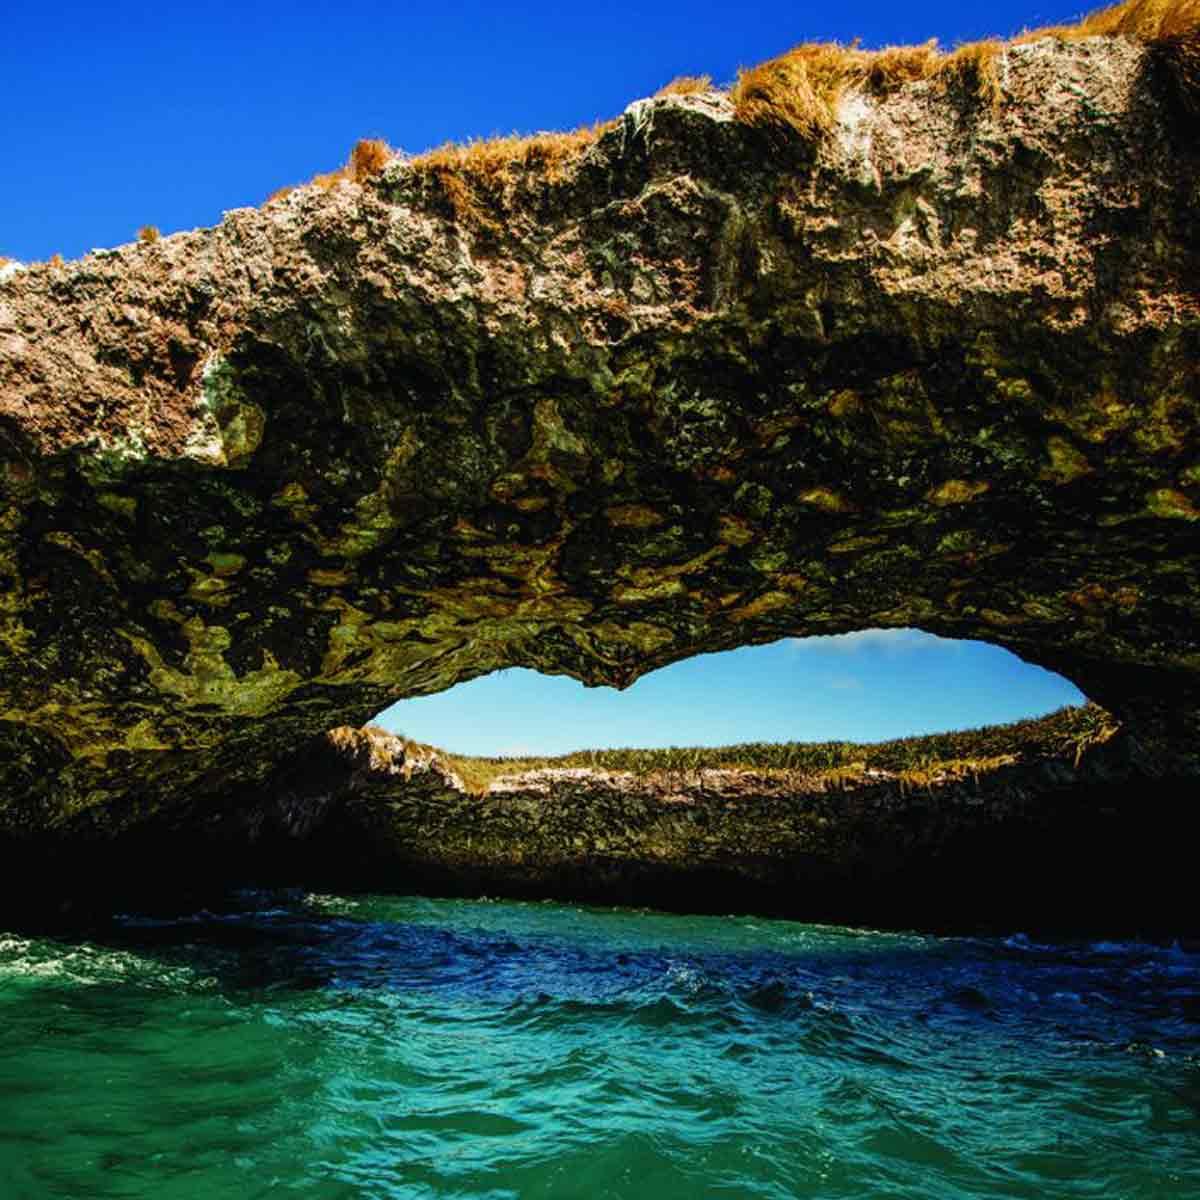 Riviera Nayarit presenta tour virtual por el Parque Nacional Islas Marietas con más de 30 imágenes en vista 360°, en el que se puede conocer Playa Escondida.